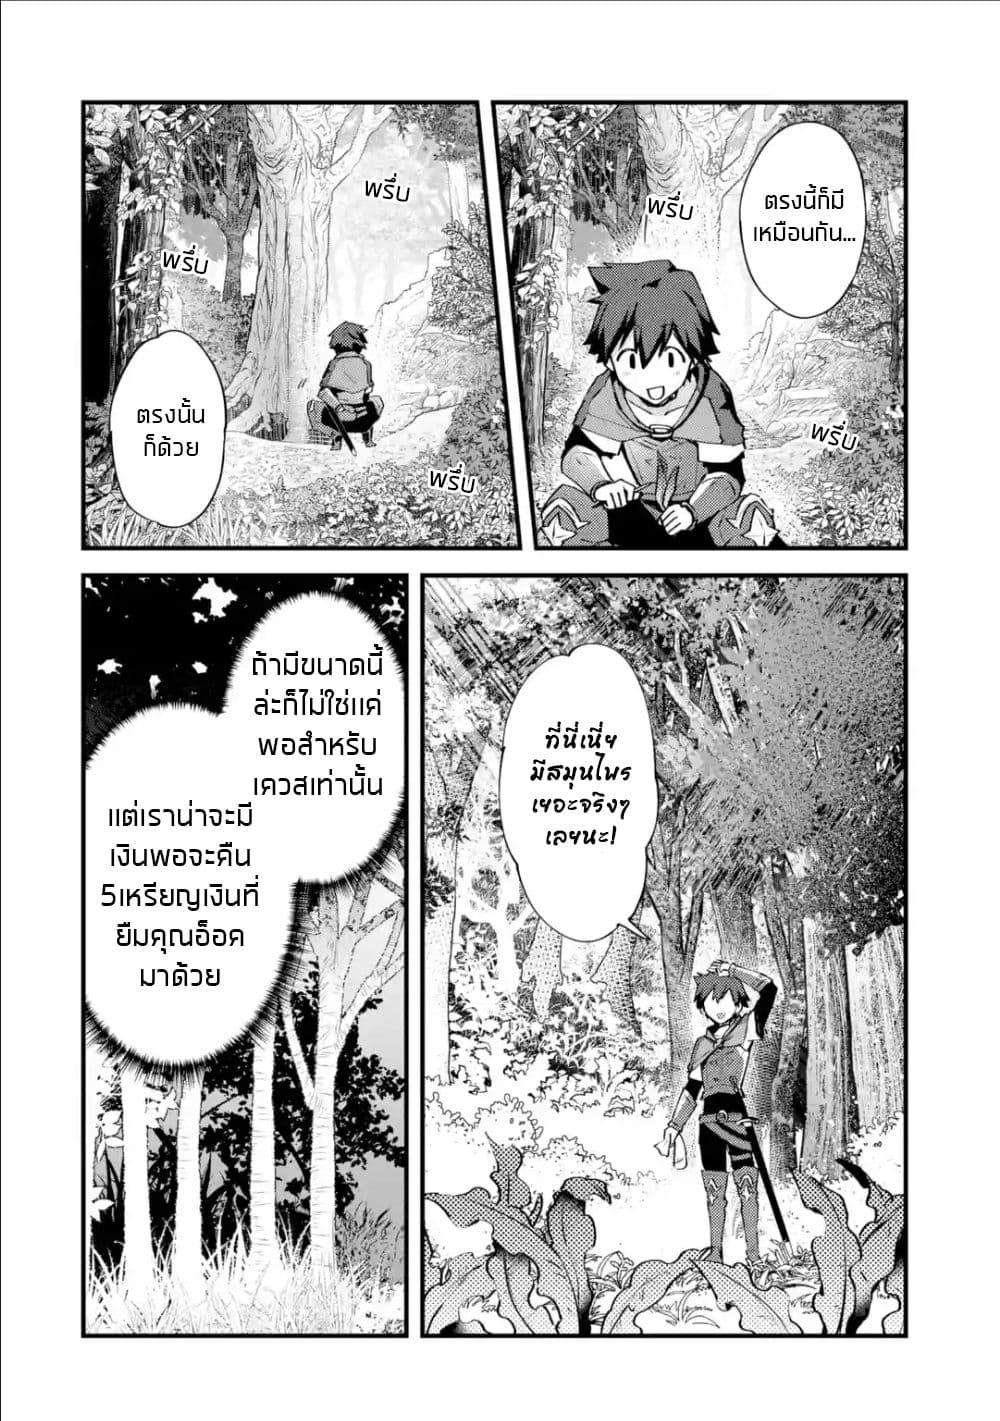 อ่านการ์ตูน Nido Tensei Shita Shounen wa S Rank Boukensha Toshite Heion ni Sugosu-zense ga kenja de eiyuu datta boku wa raisede wa jimini ikiru ตอนที่ 3 หน้าที่ 17